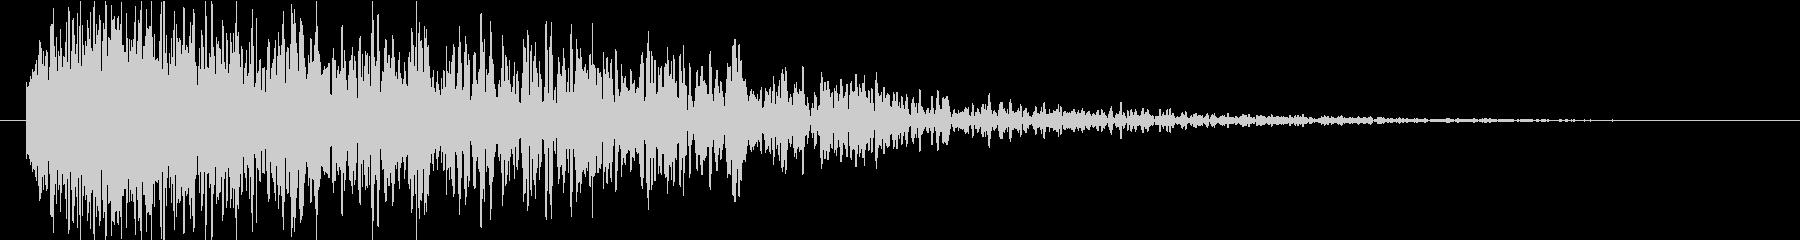 バキュドーンの未再生の波形